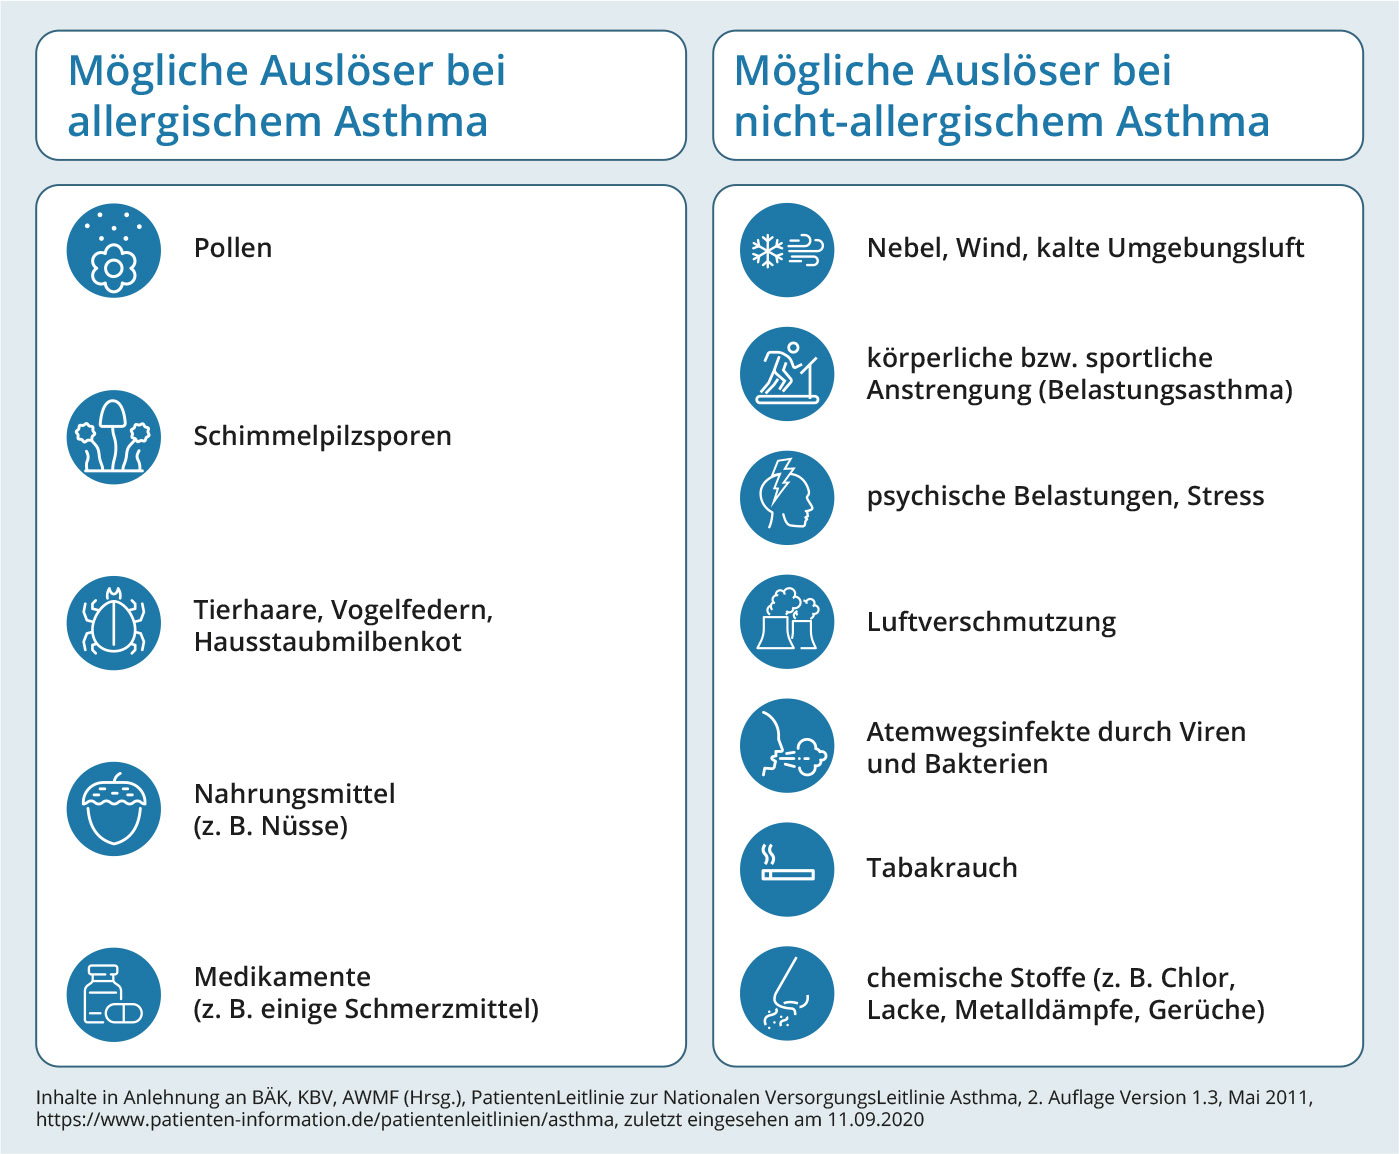 Tabelle zu Auslösern von Asthma